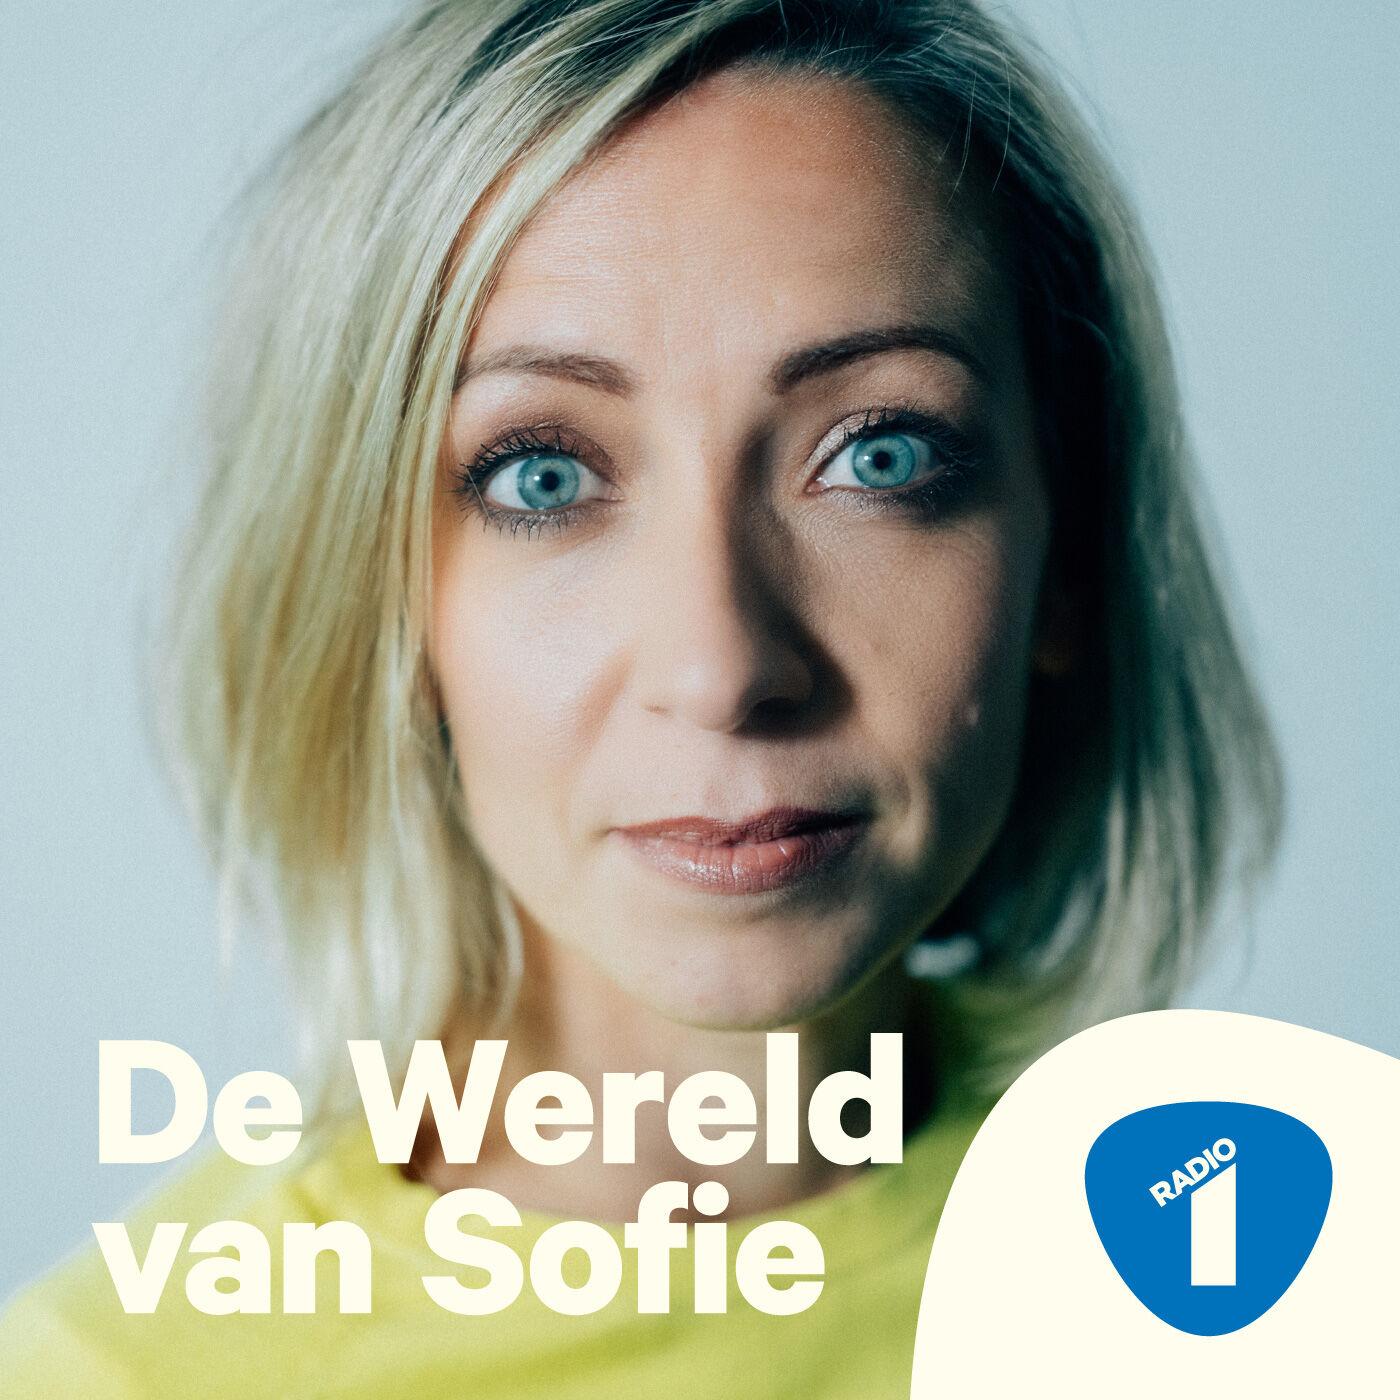 De Wereld van Sofie logo